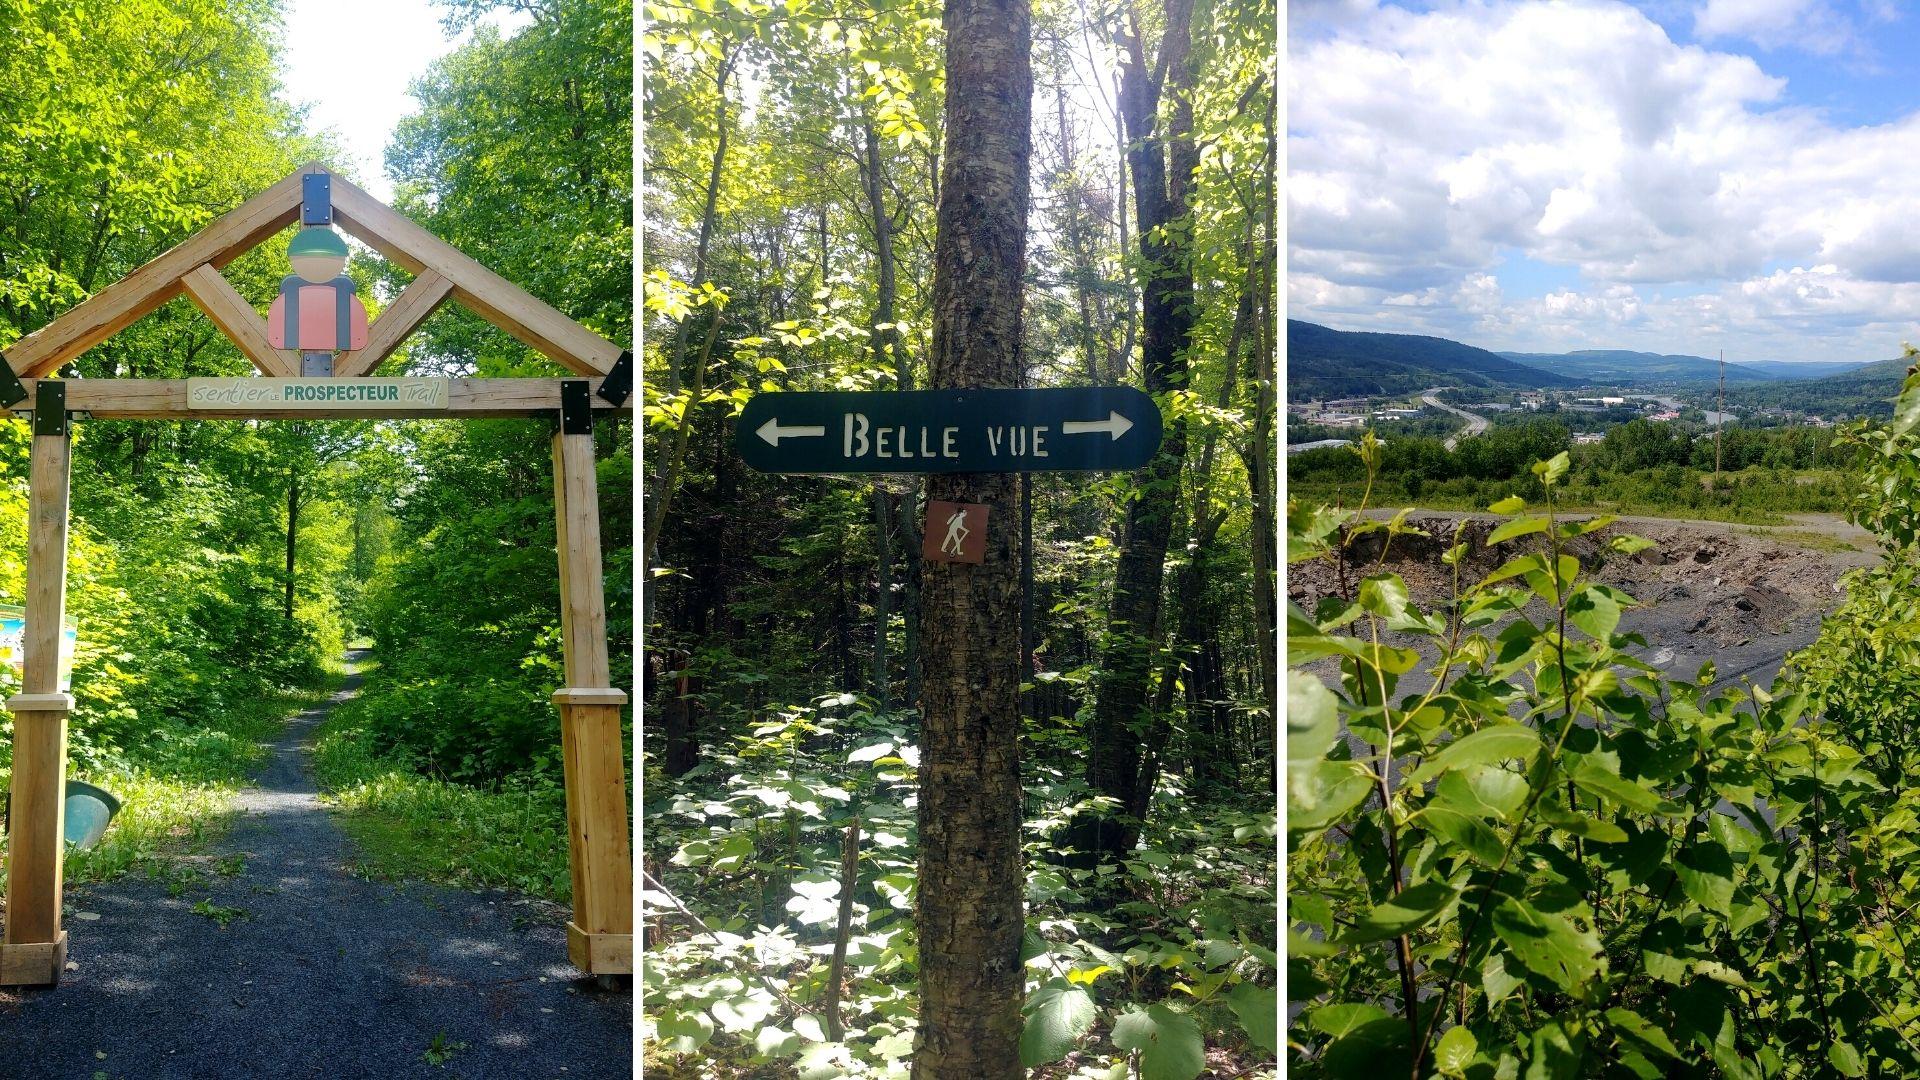 Visiter Edmundston Nouveau-Brunswick randonnée sentiers du Prospecteur